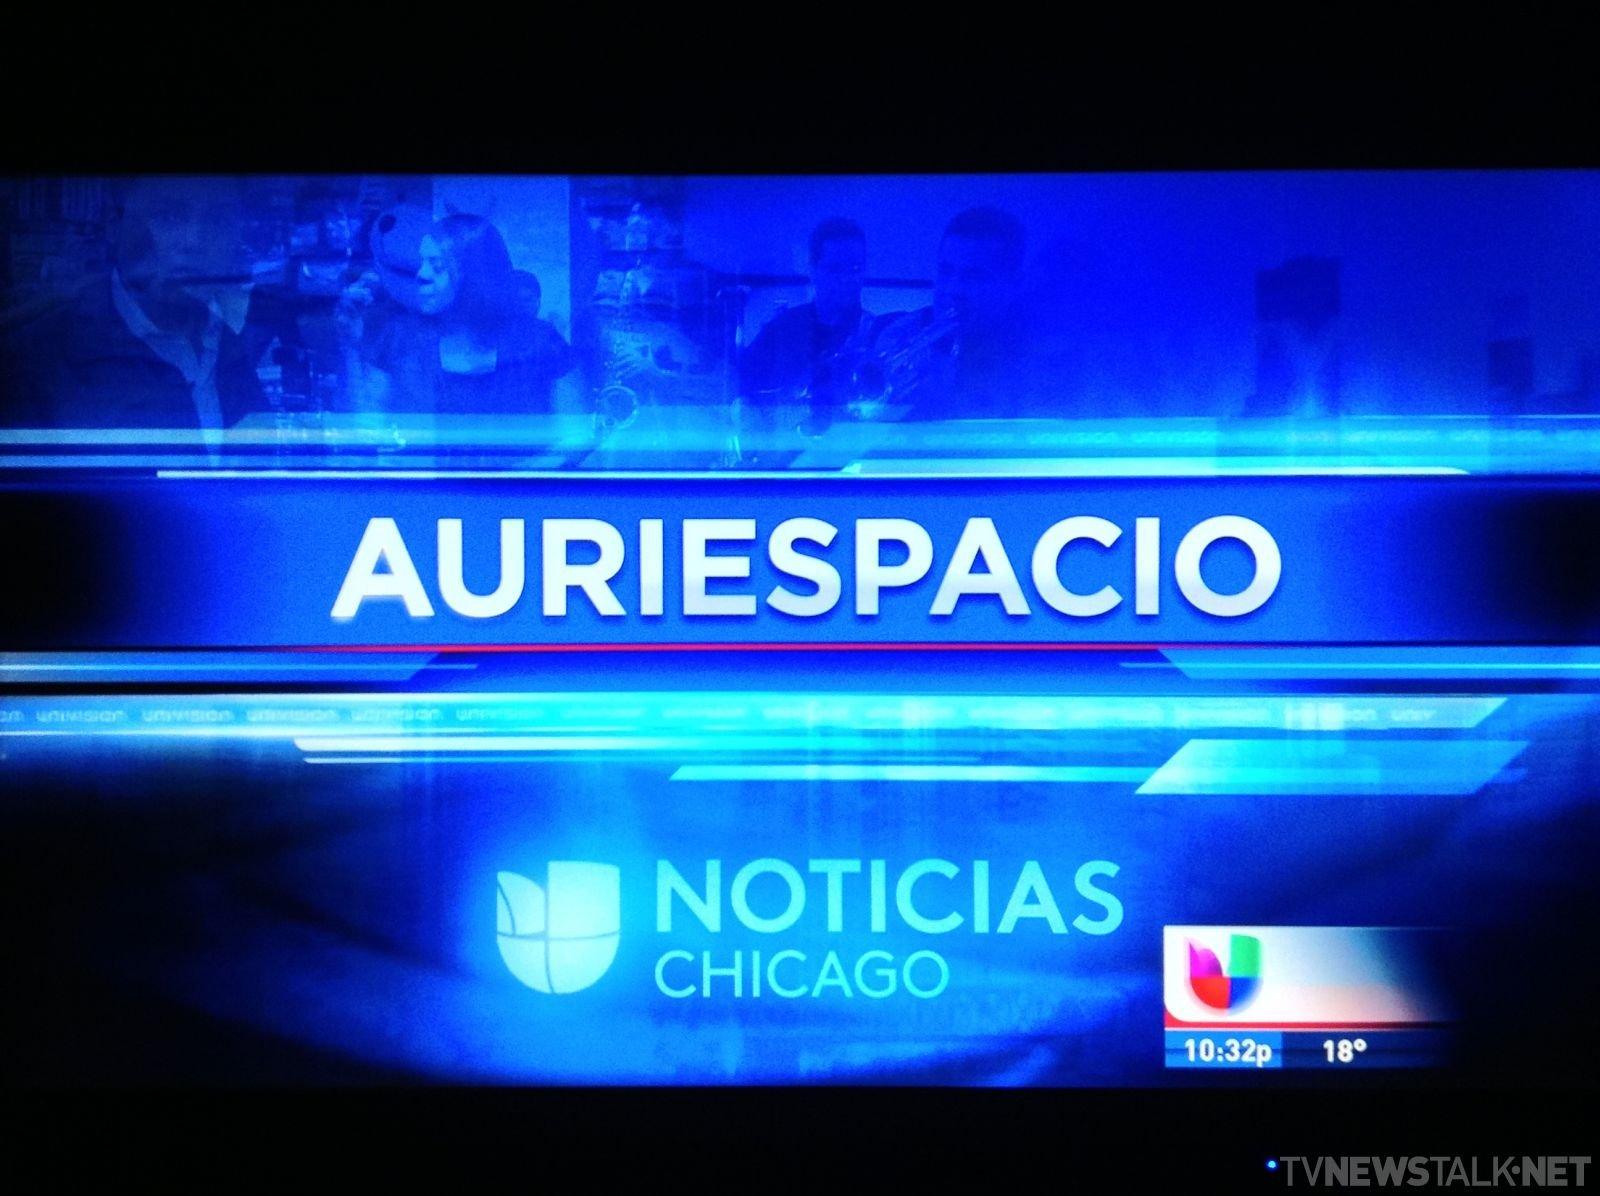 Auriespacio (entertainment segment) titlecard